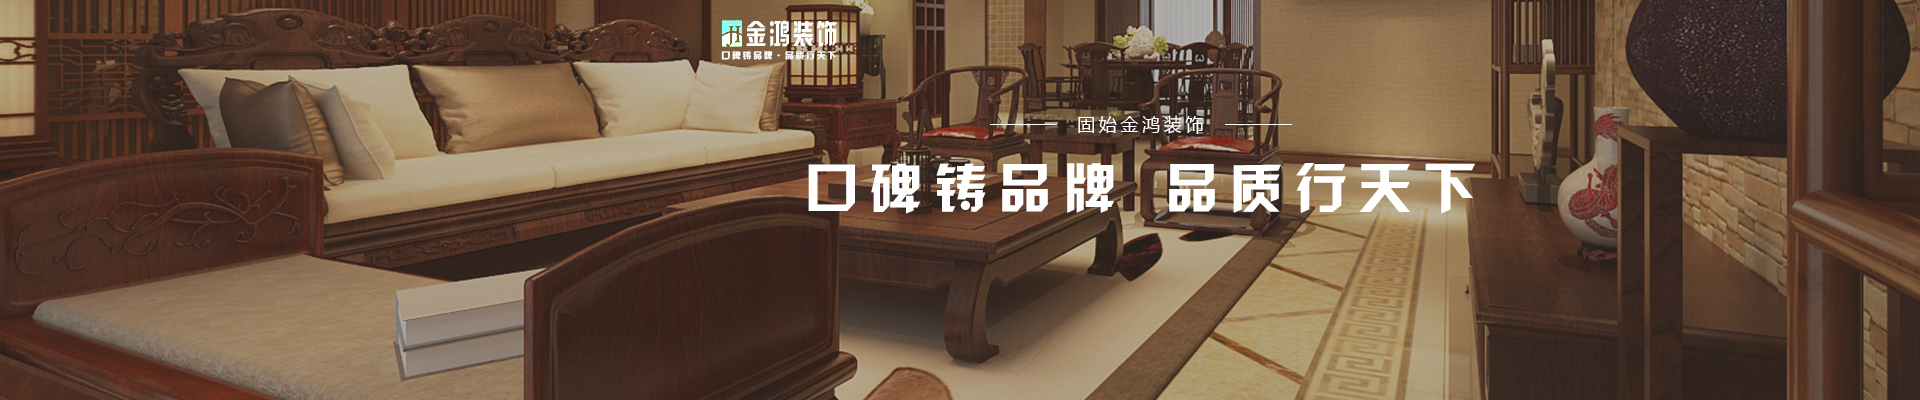 河南金鸿装饰设计工程有限公司